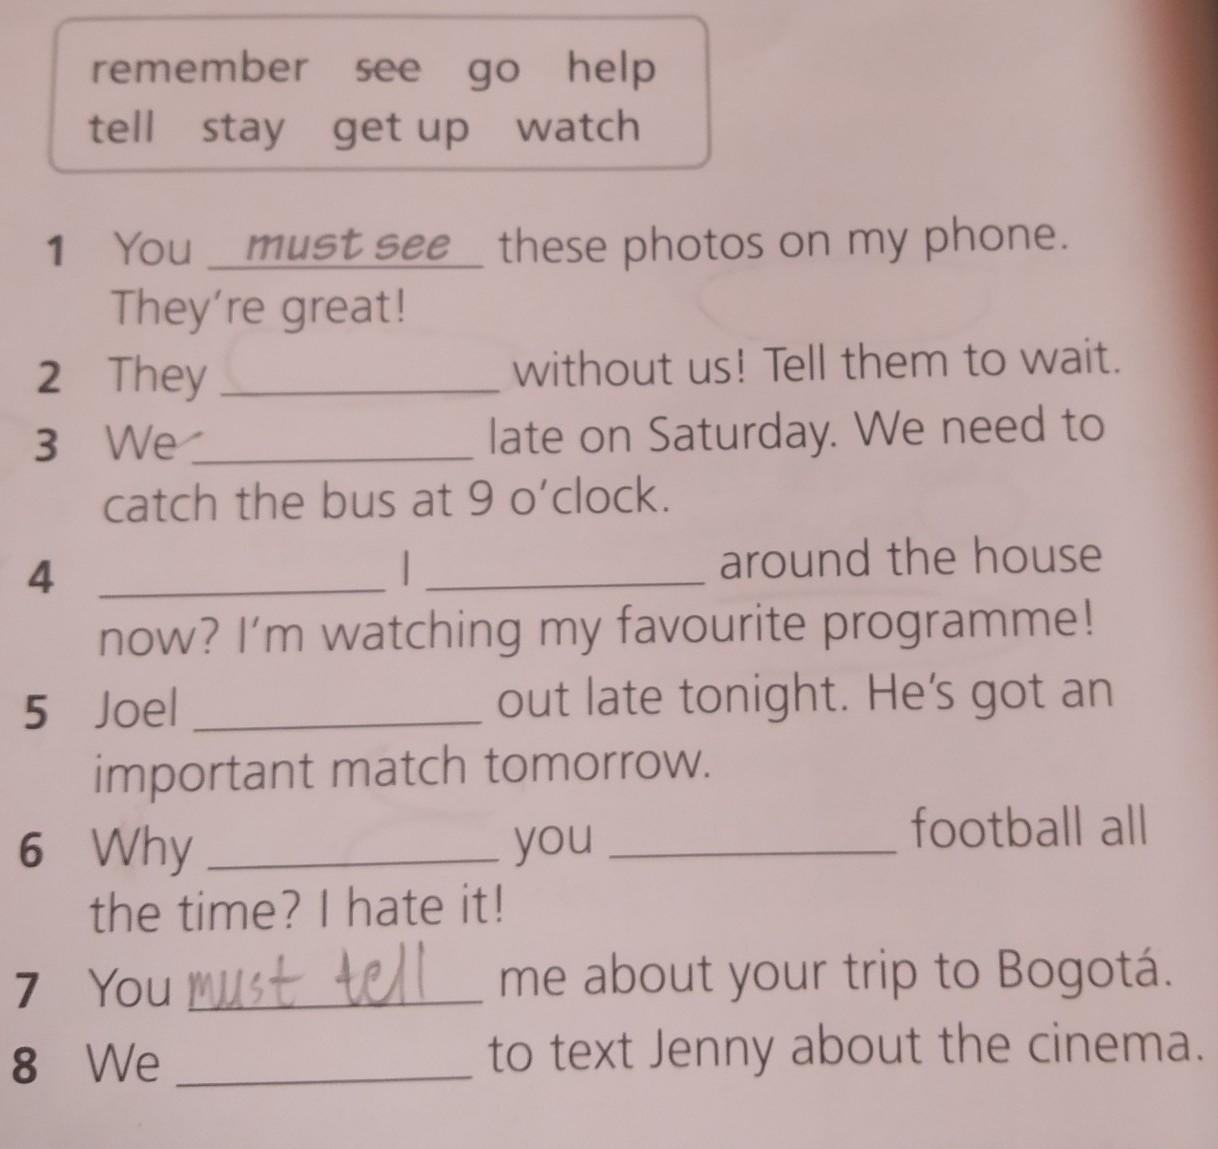 Помогите пожалуйстатут нужно выбрать глаголы из